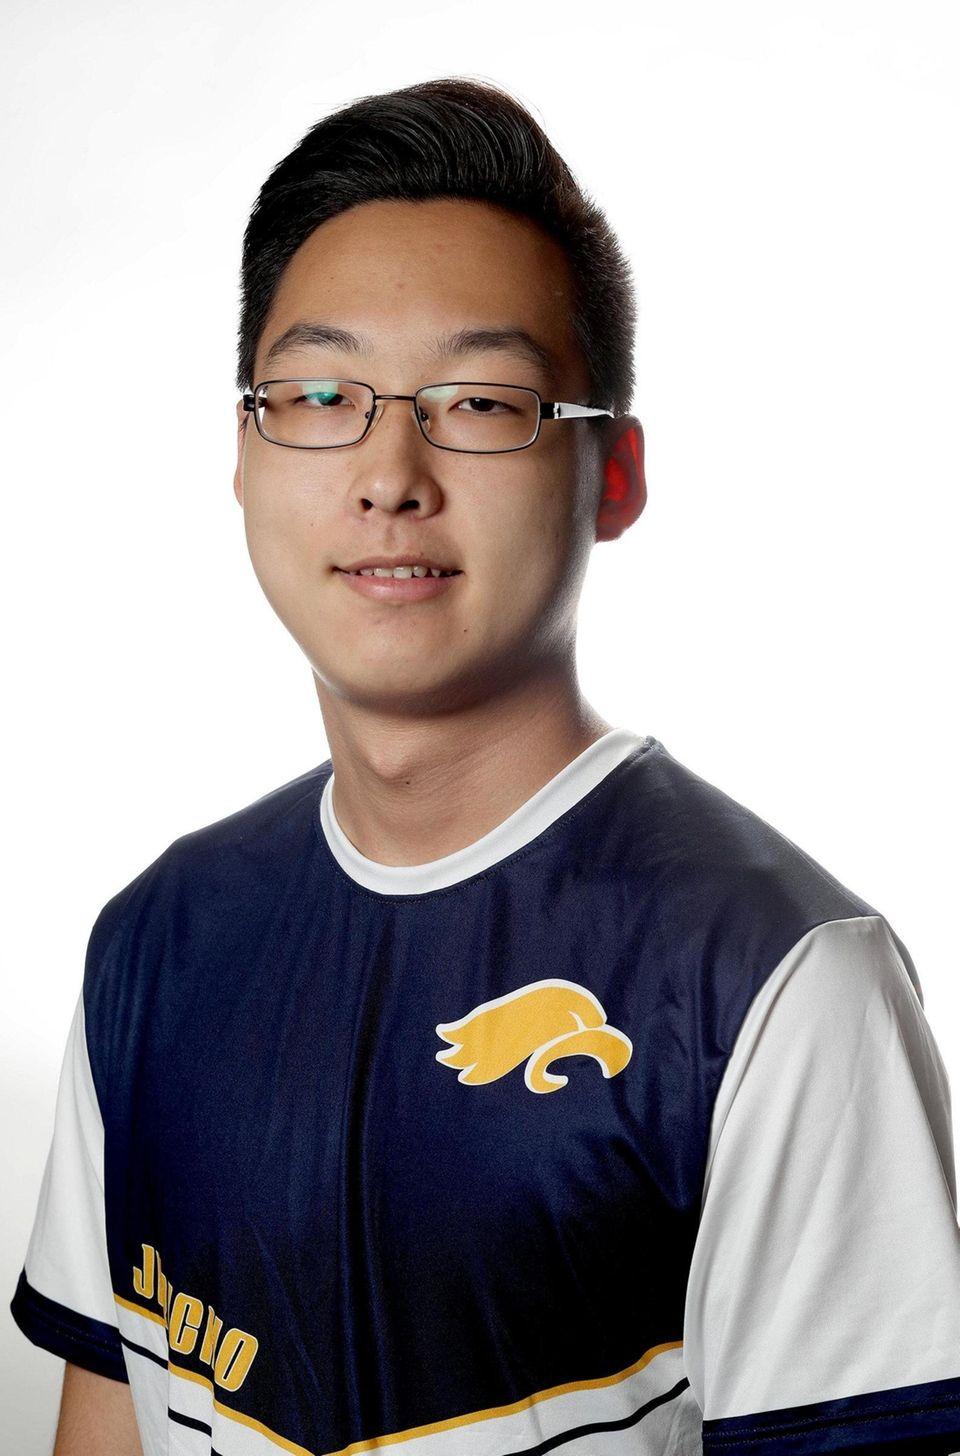 Boys Badminton - Gary Jiang, Jericho High School